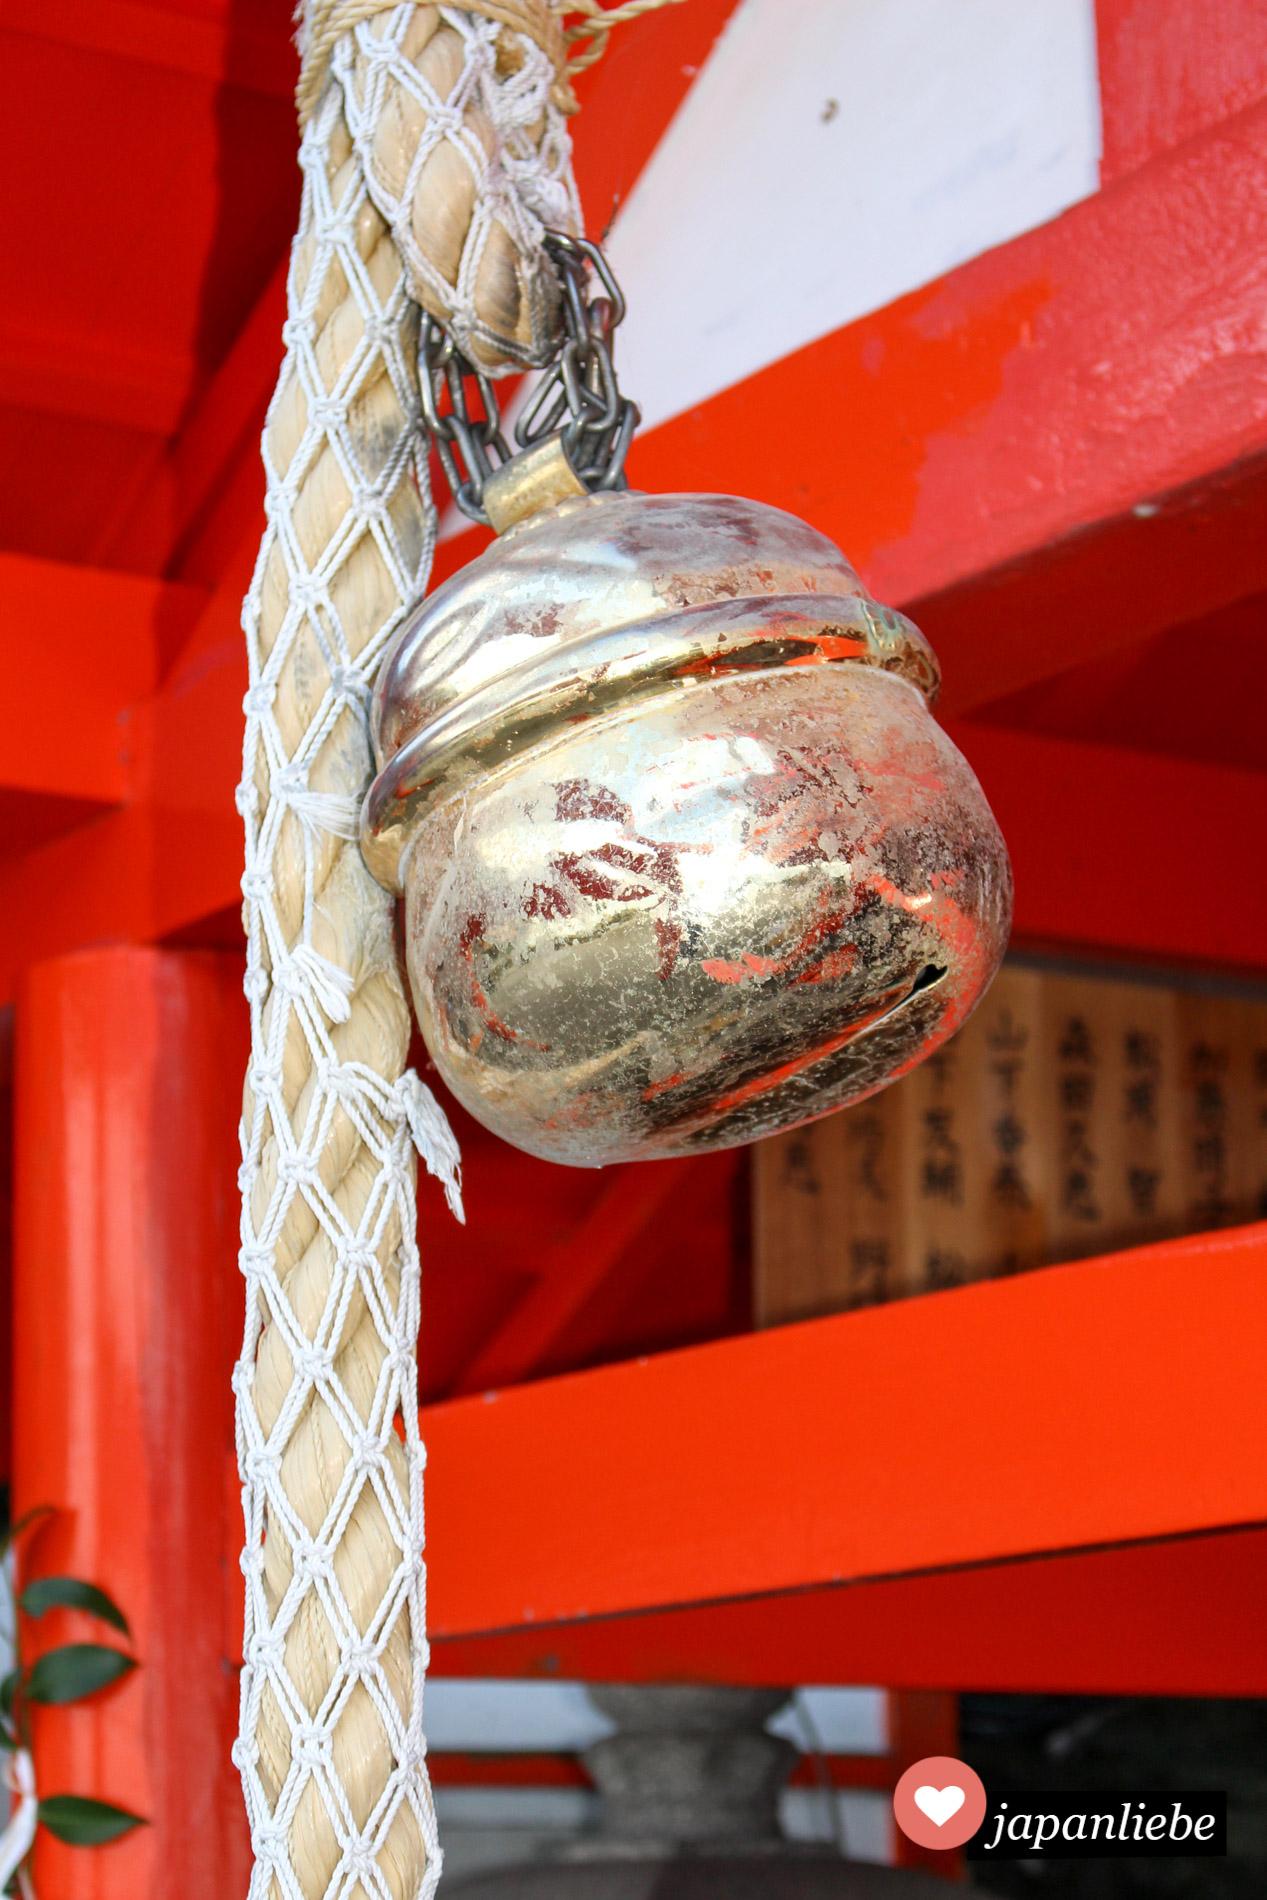 Die große Glocke am Futami Okitama Schrein wird besonders laut geläutet, damit die Bitten um eine gute Ehe von den Göttern auch sicher erhört werden.